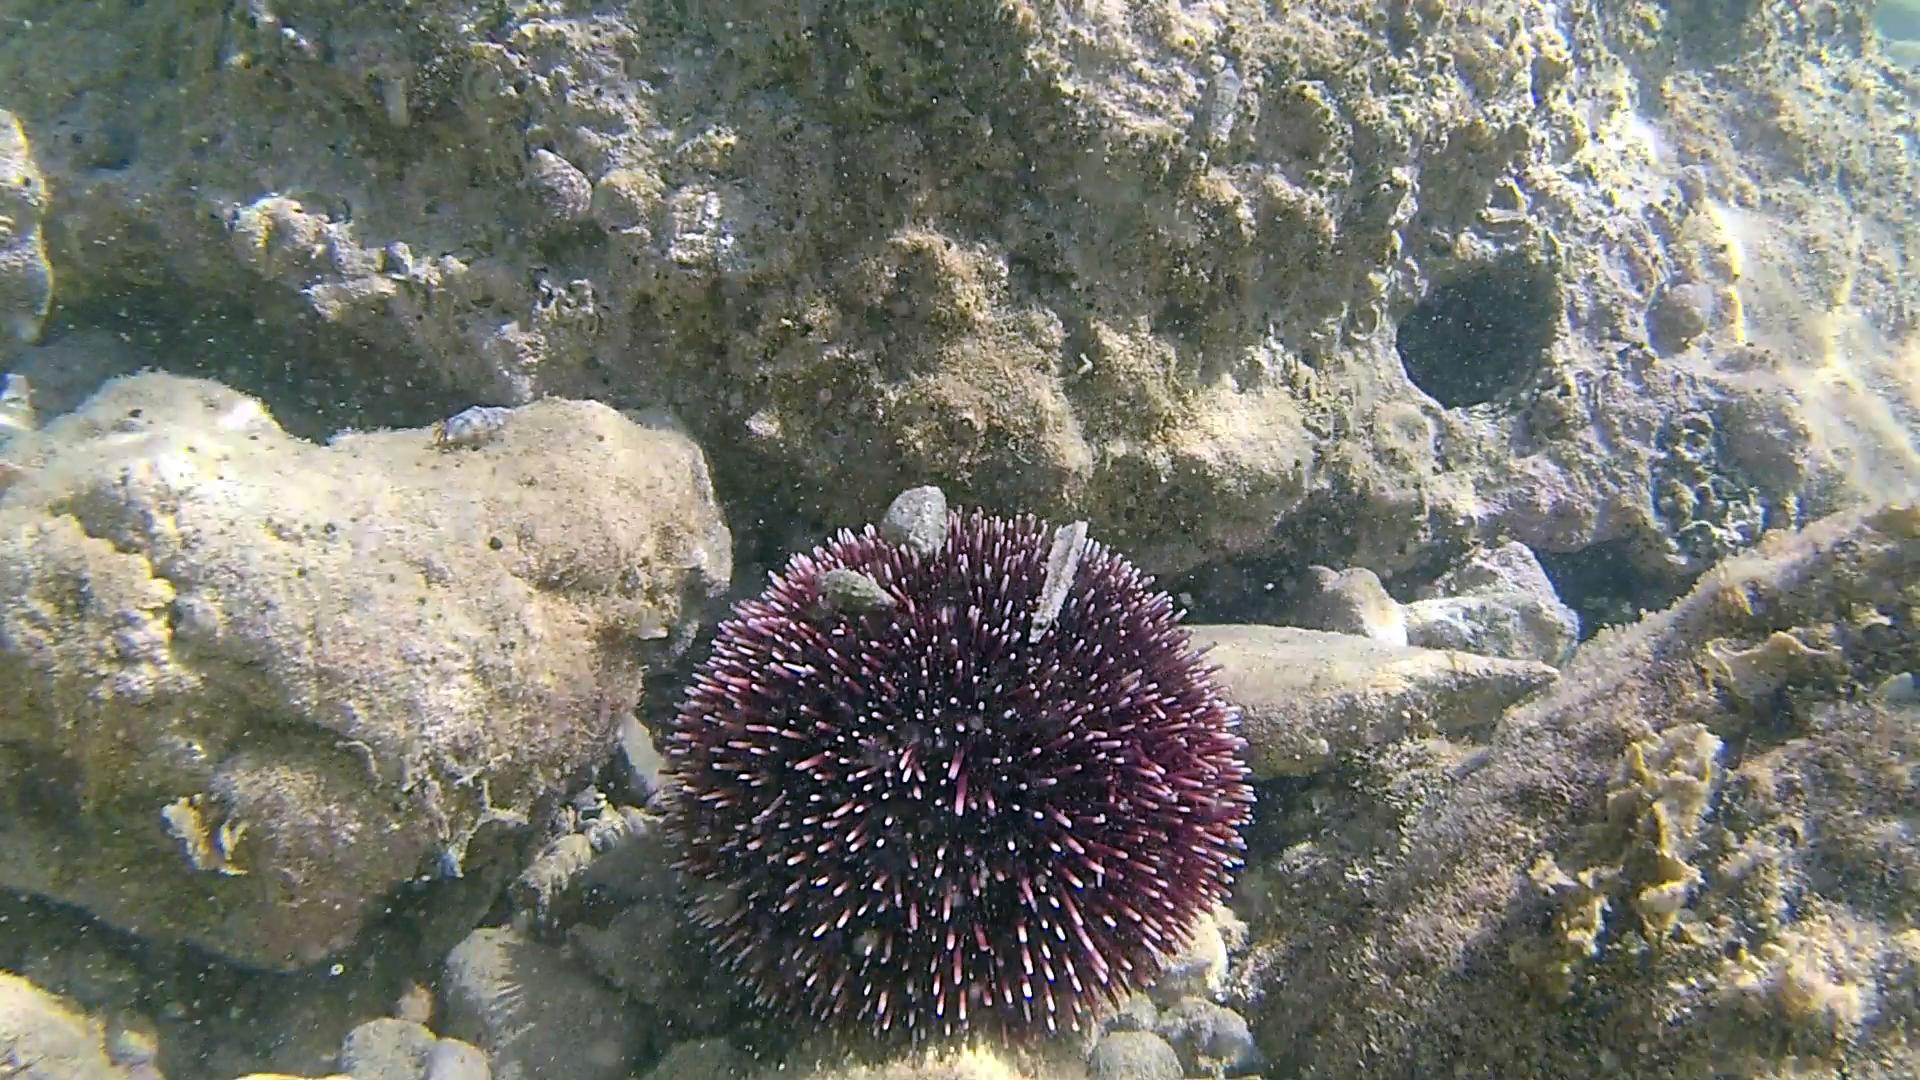 Riccio di Prateria - Sphaerechinus granularis - Purple sea Urchin - intotheblue.it